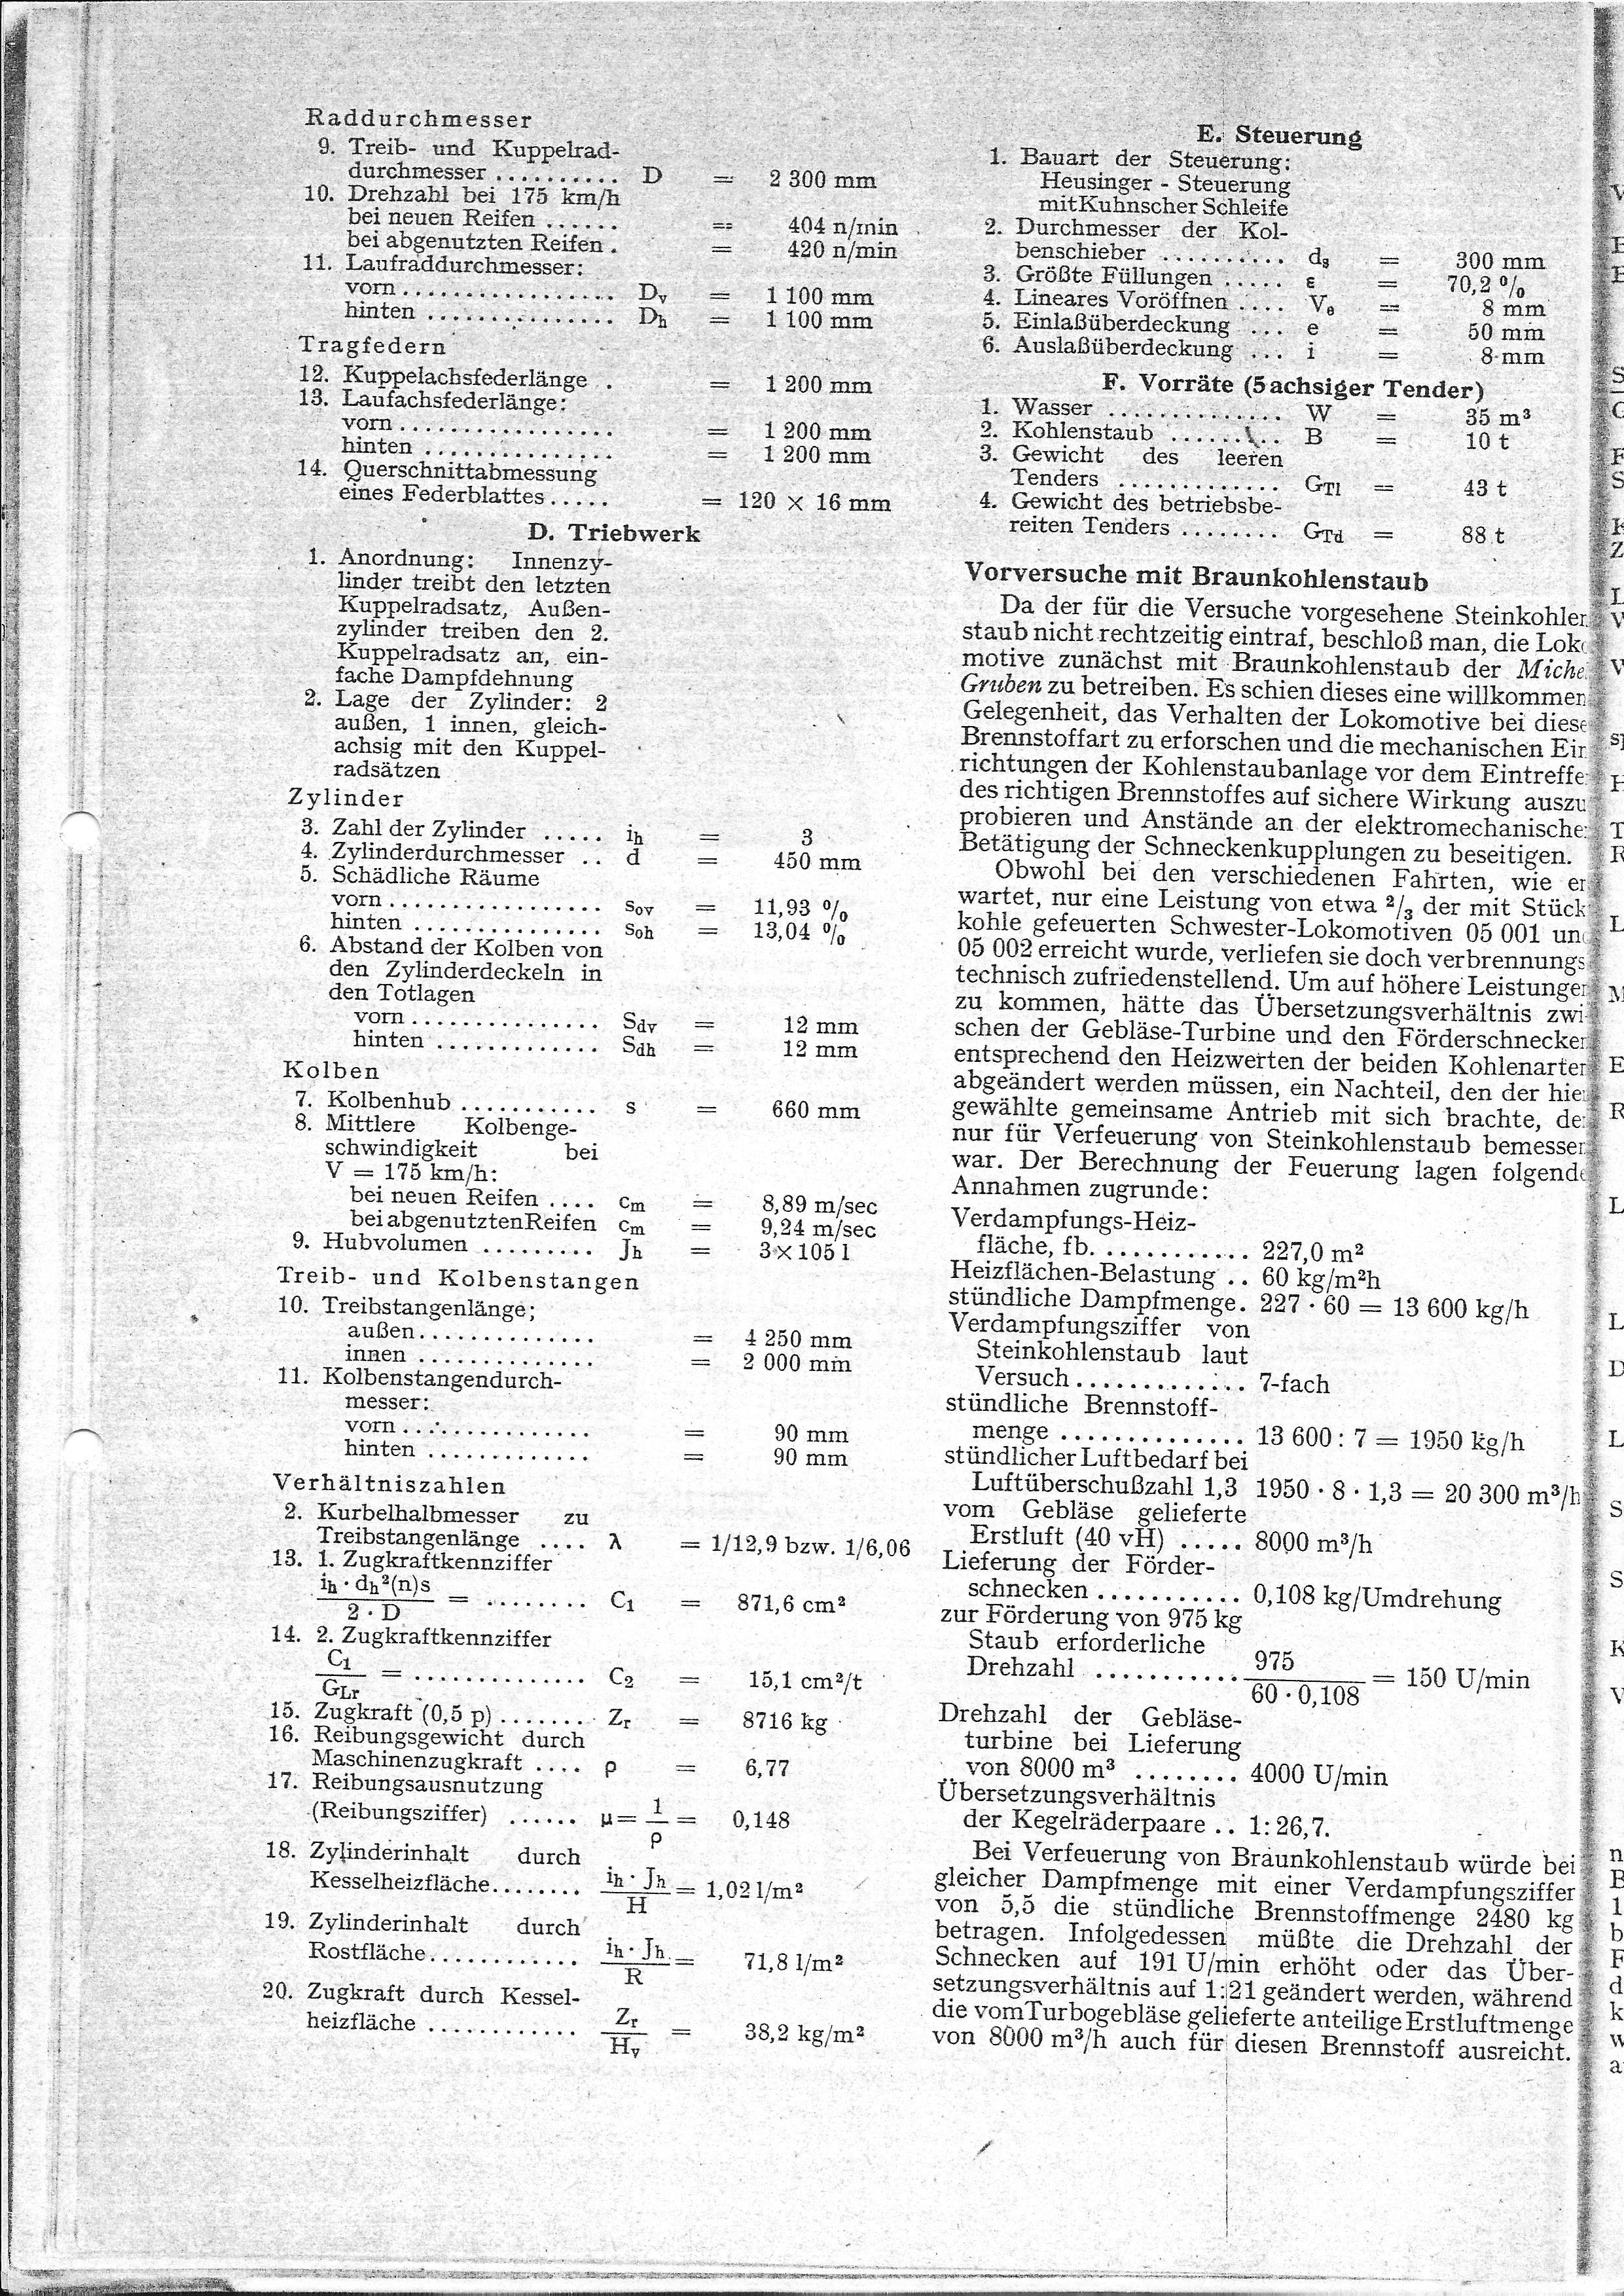 Drehscheibe Online Foren :: 04 - Historische Bahn :: Dampfloktechnik ...